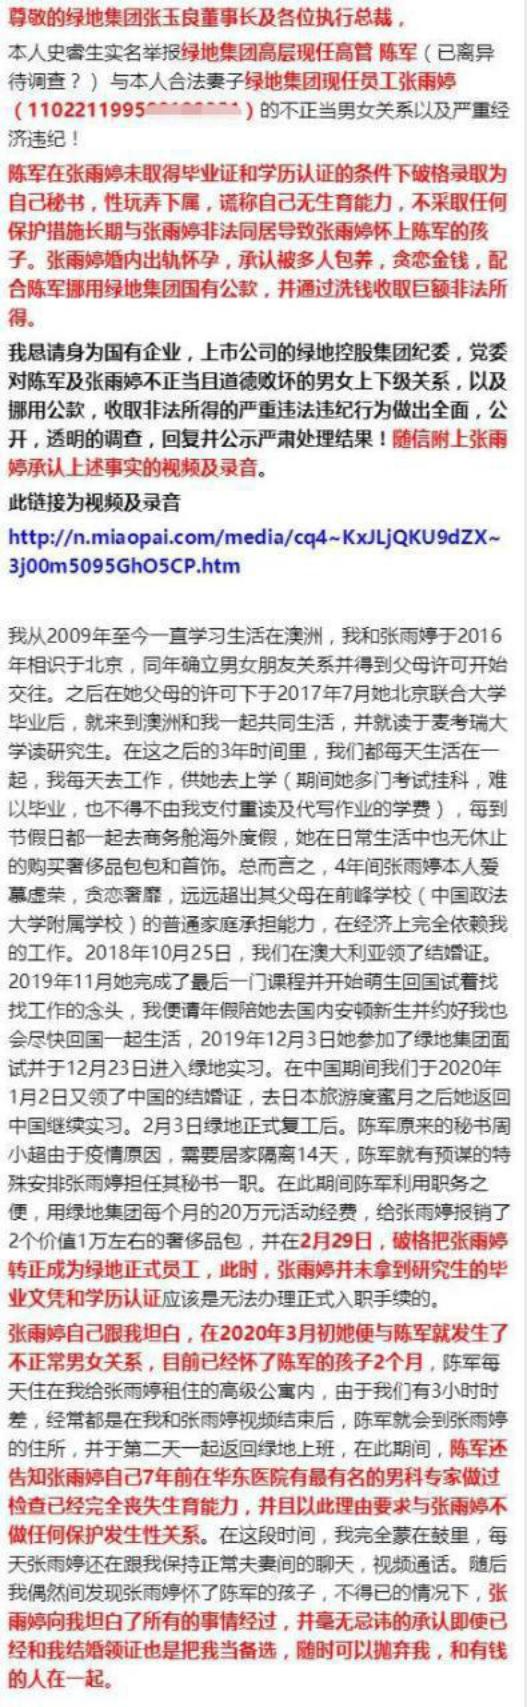 绿地集团京津冀营销部负责人被实名举报:出轨、挪用公款、洗钱!